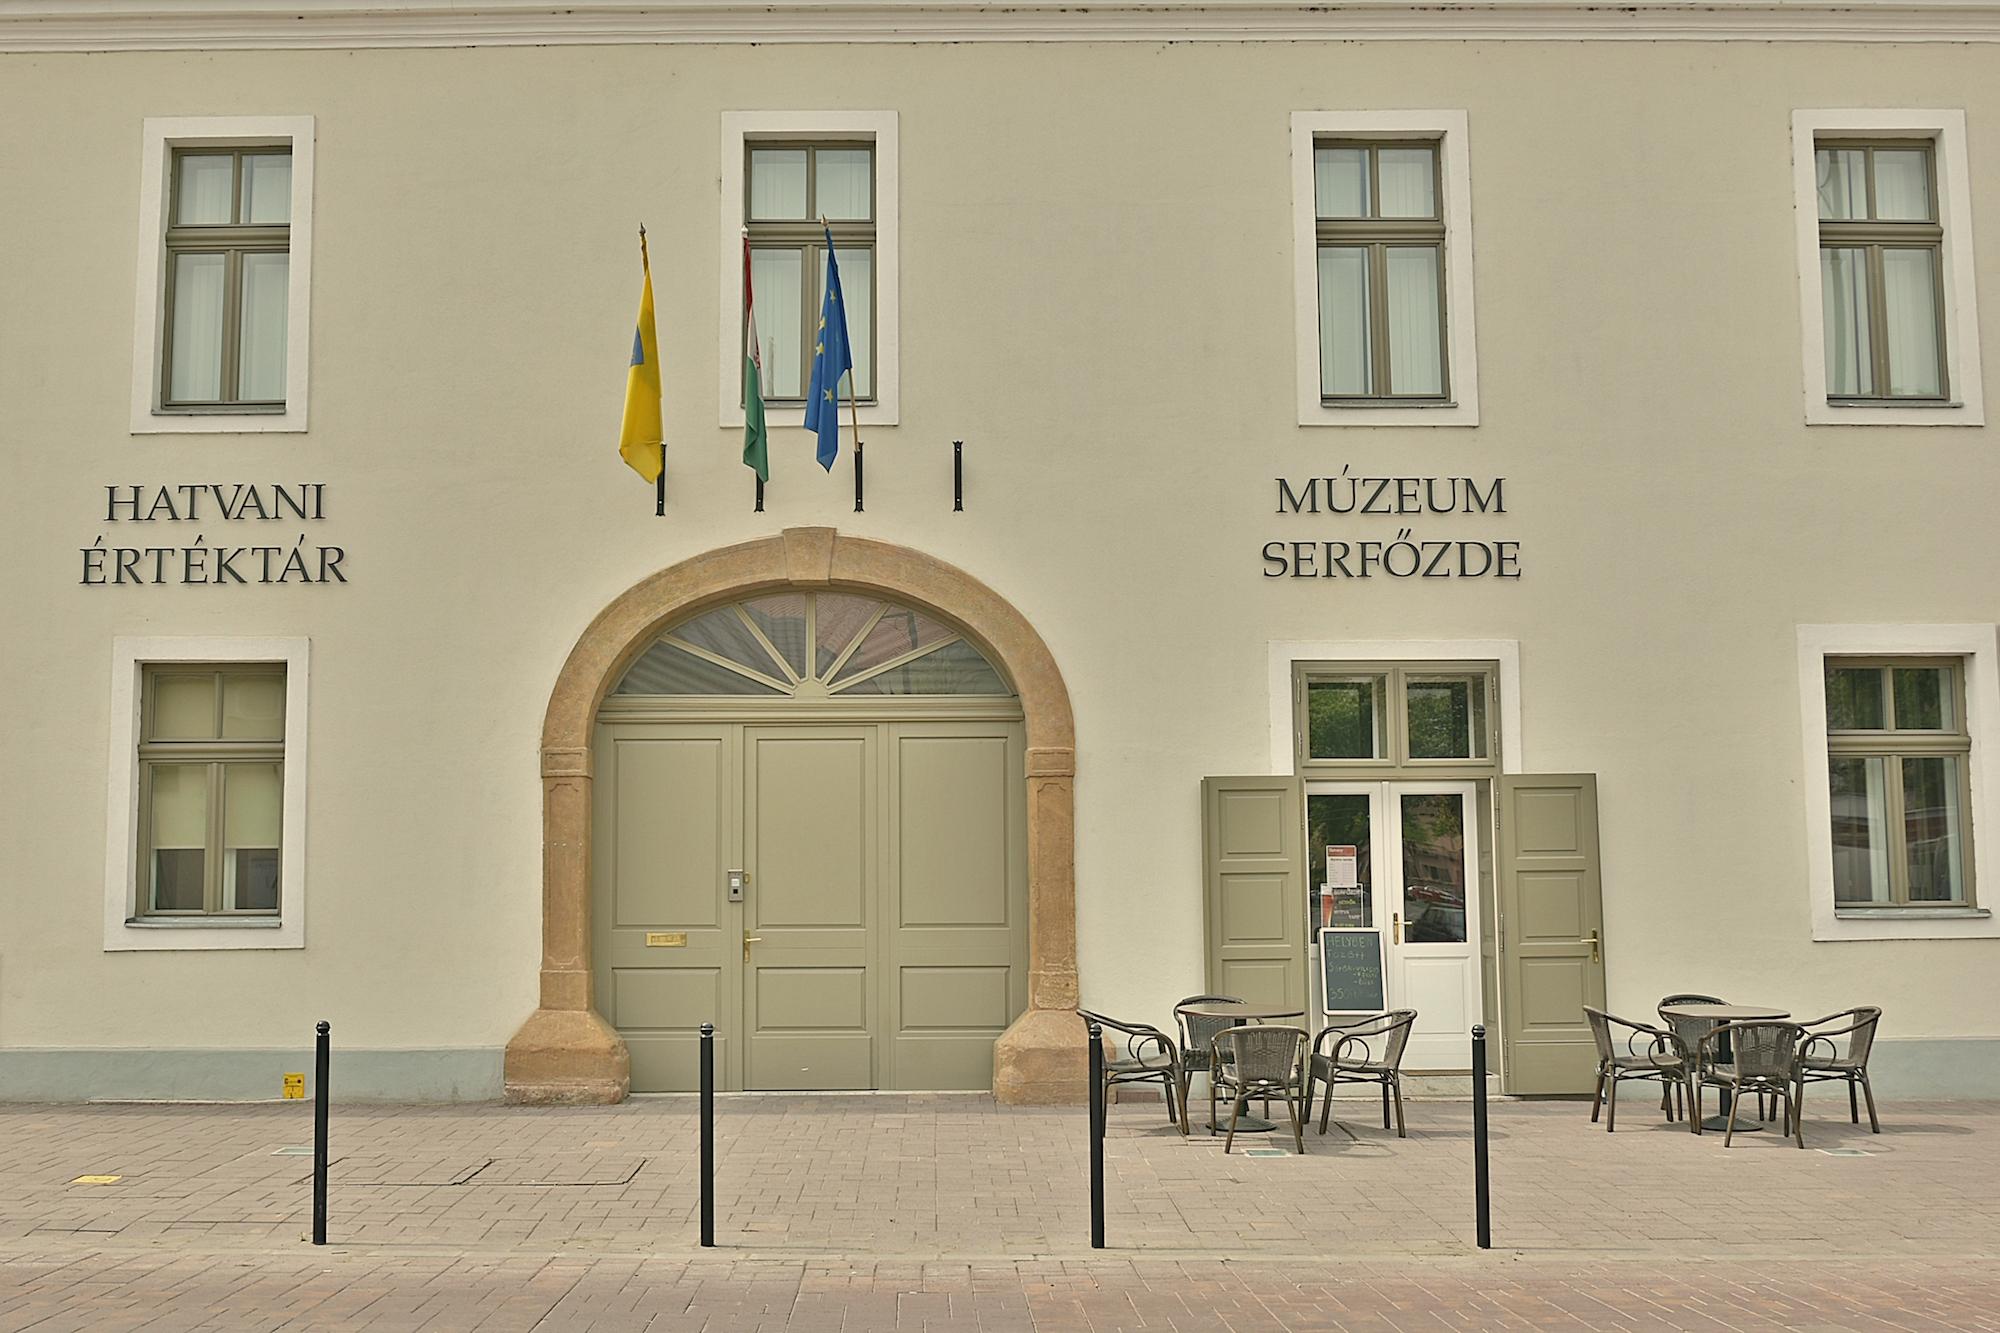 A felújított Hatvany Lajos Múzeum és Értéktár több különleges kiállításnak is helyet ad és a Serfőzdében helyben készült sört kóstolhat.